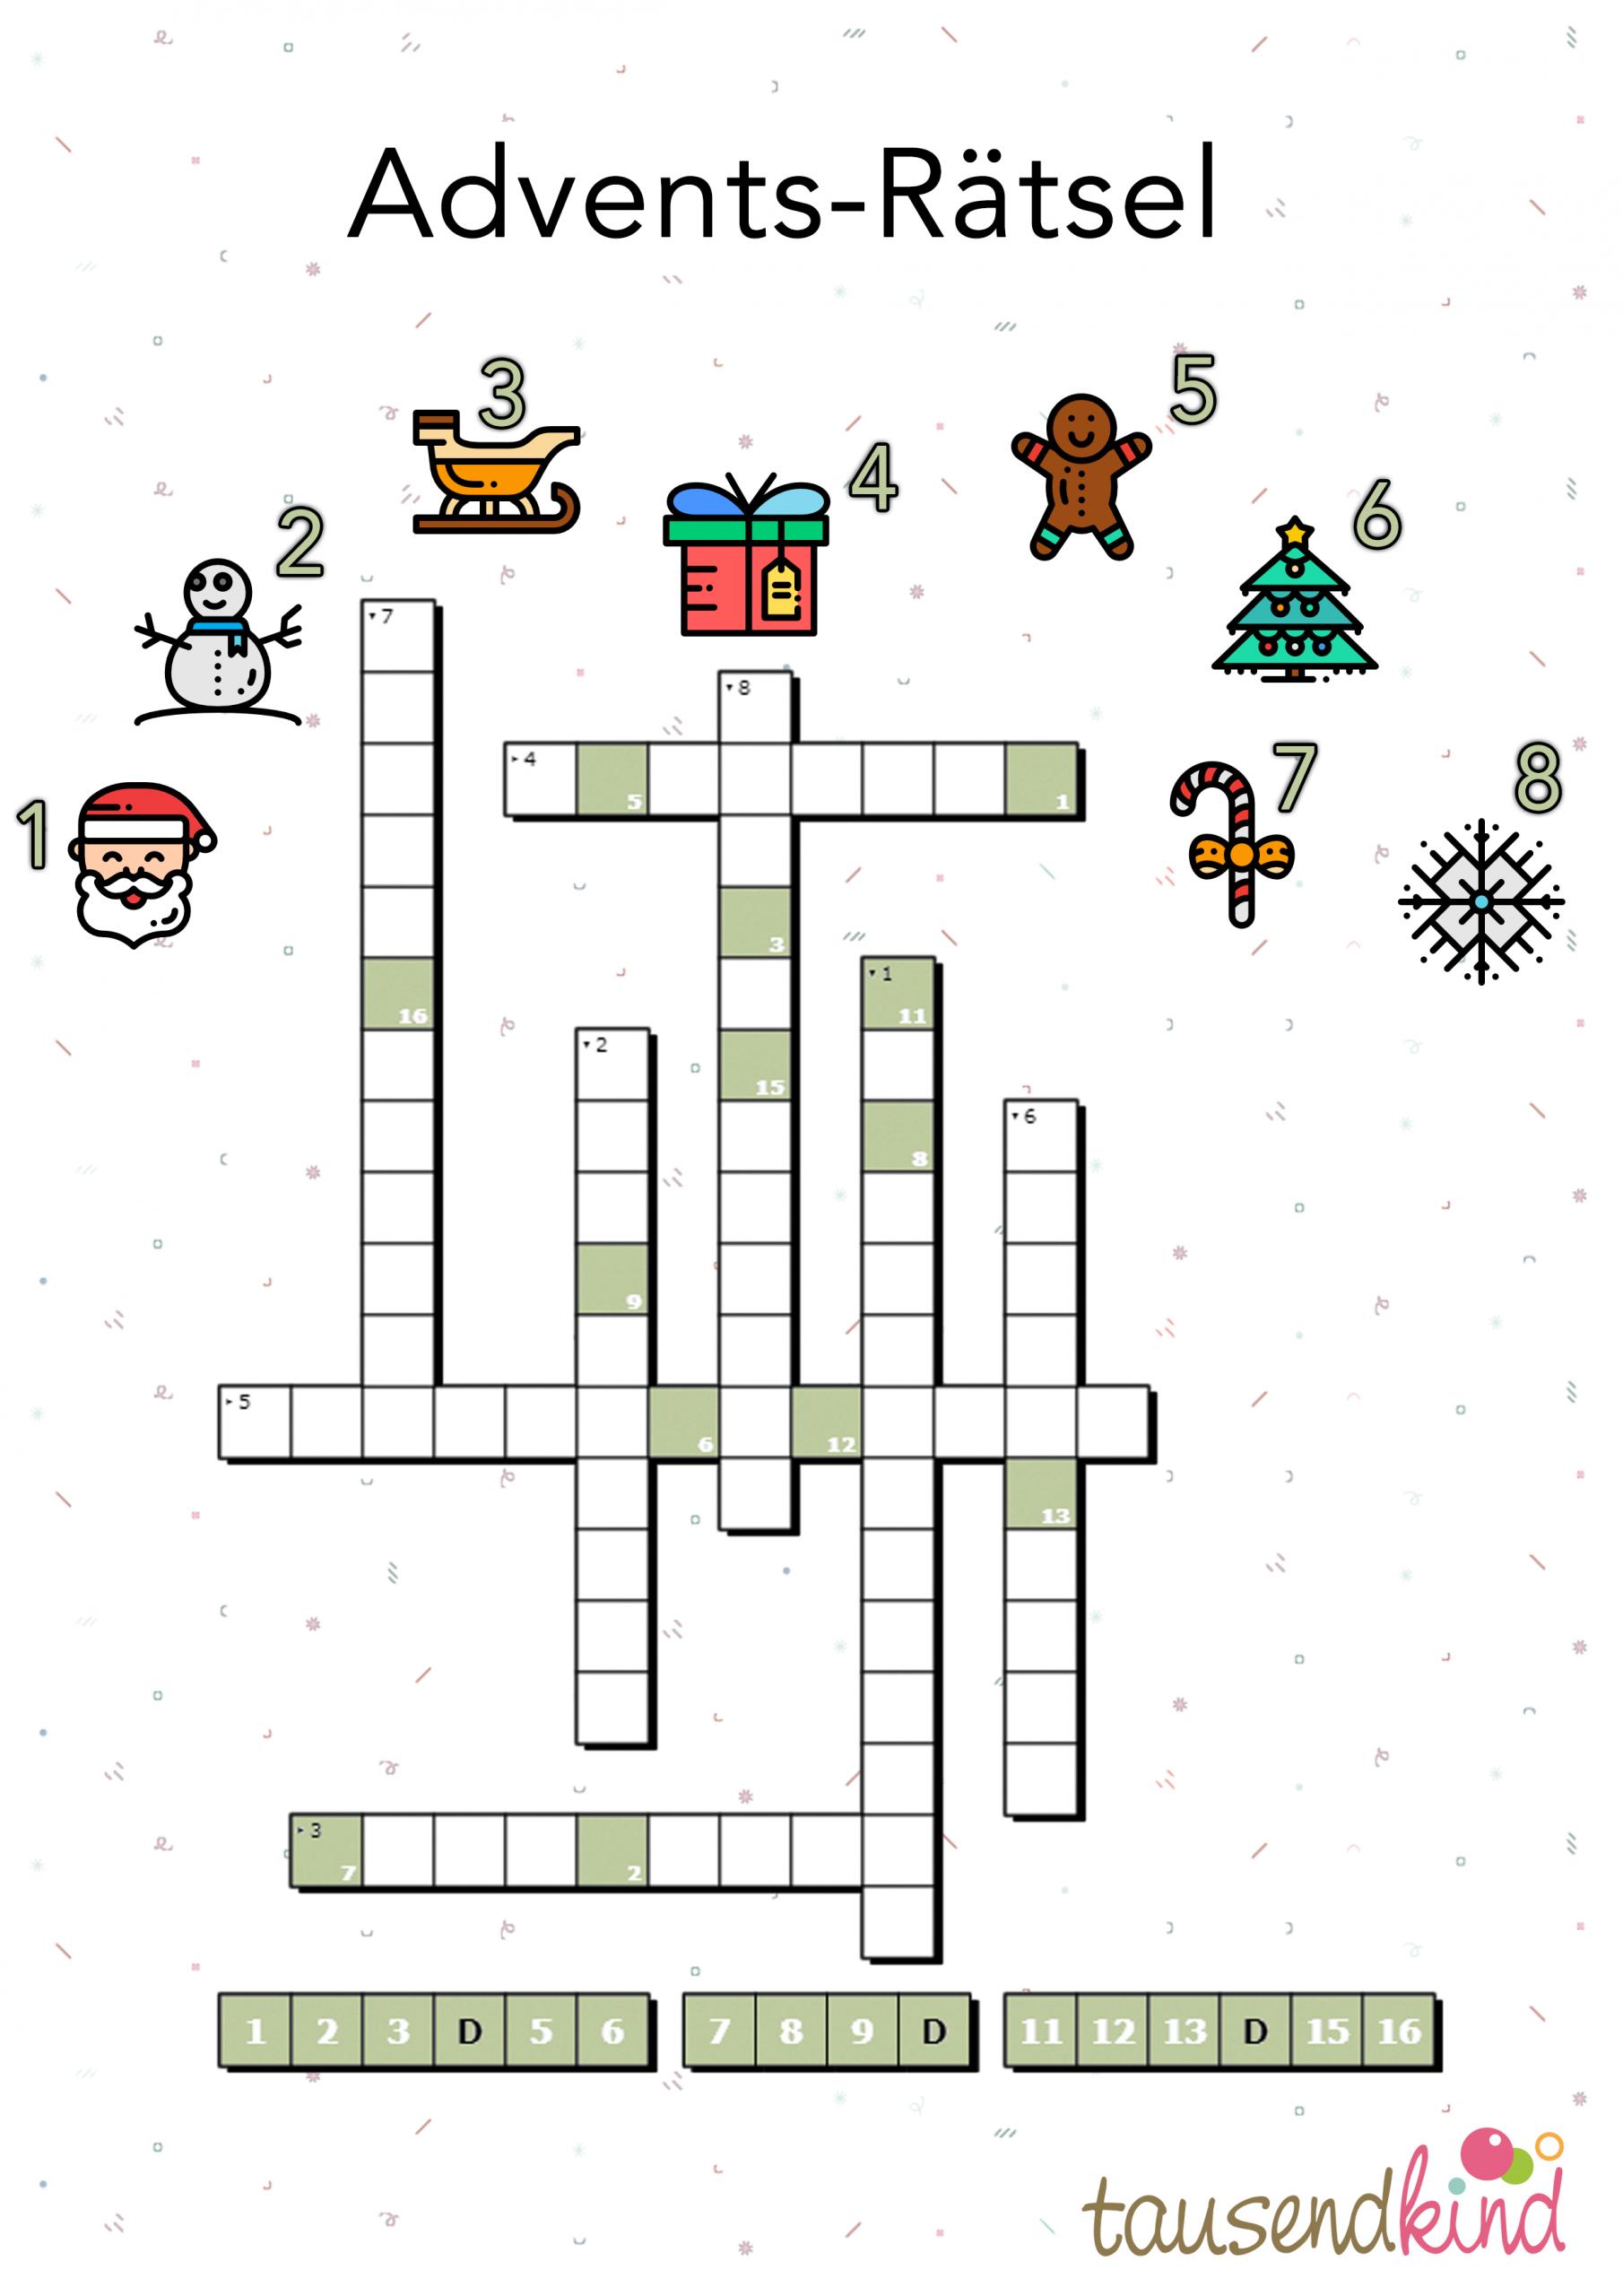 Tausendkind Adventsrätsel Zum 1. Advent - Jetzt Ausdrucken! ganzes Adventskalender Rätsel Zum Ausdrucken